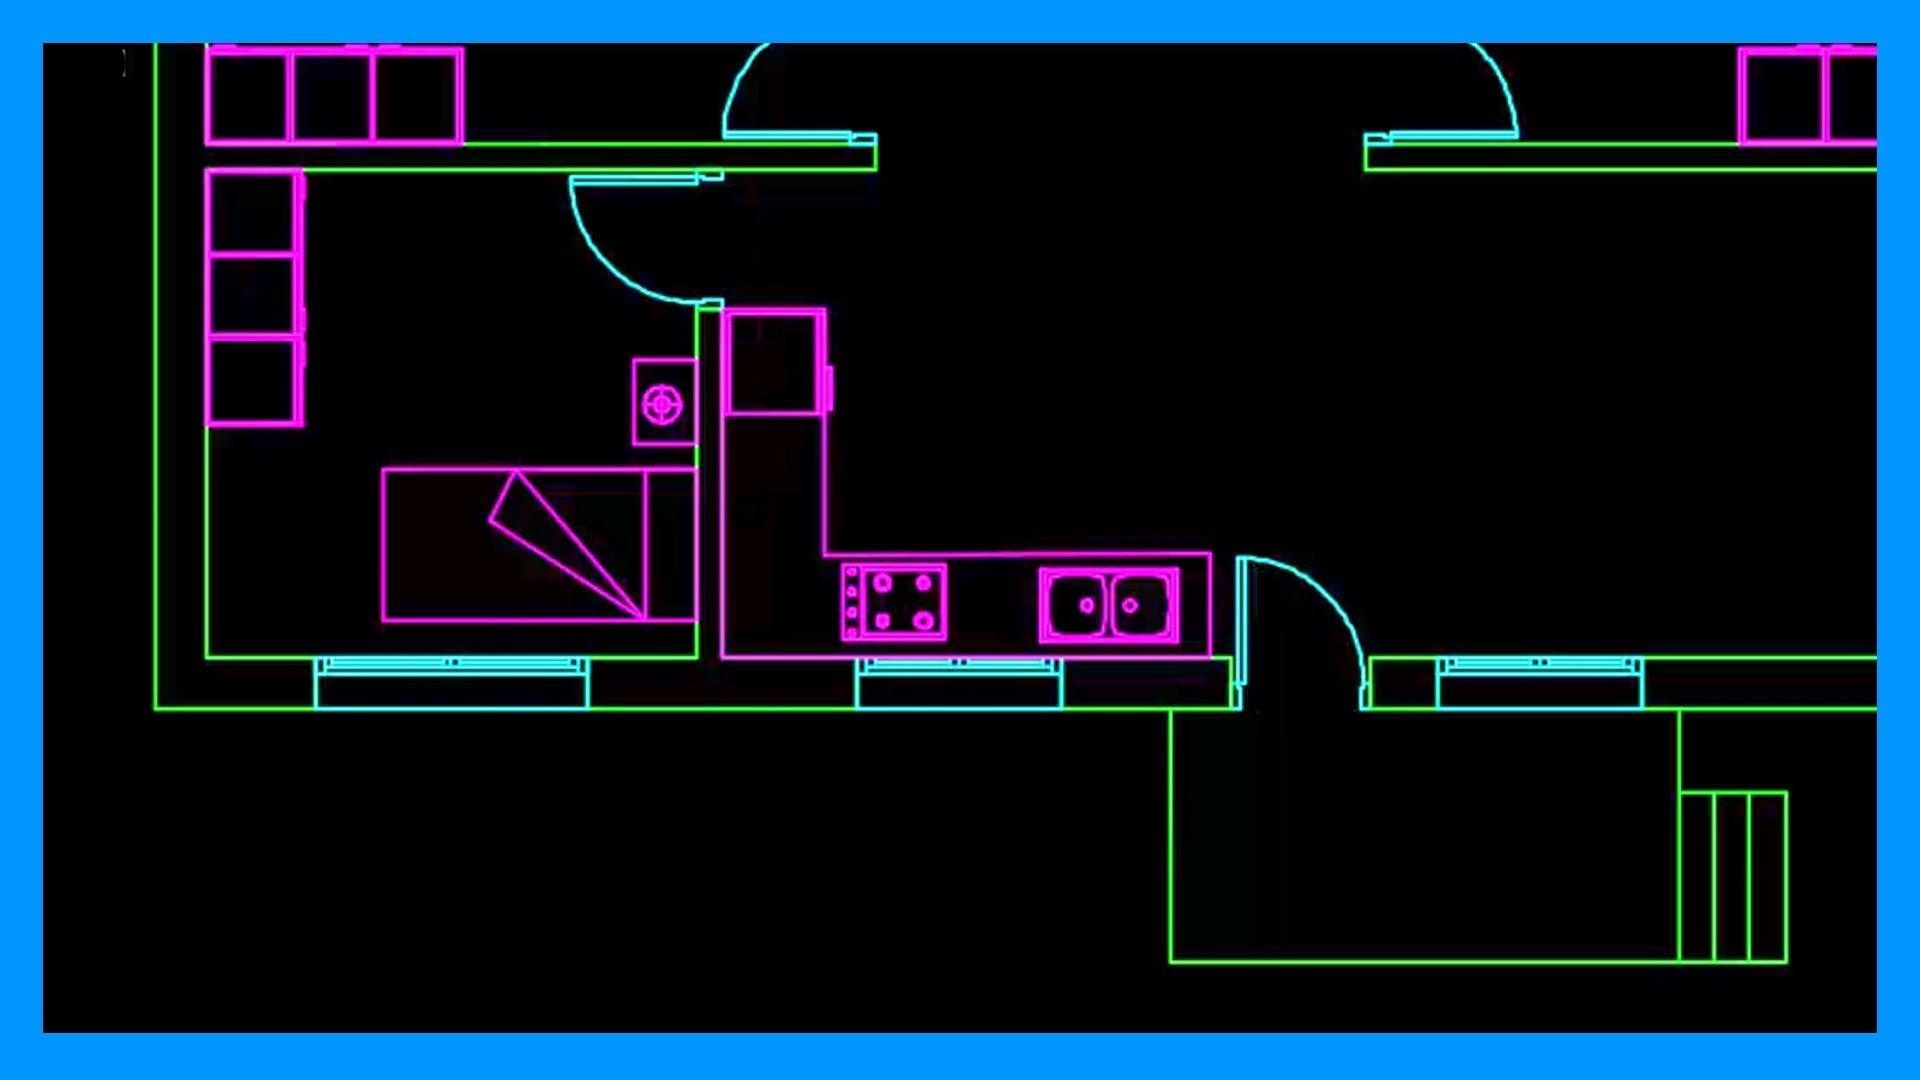 Autocad 2 2 Dibujar Plano De Una Casa De Una Planta En